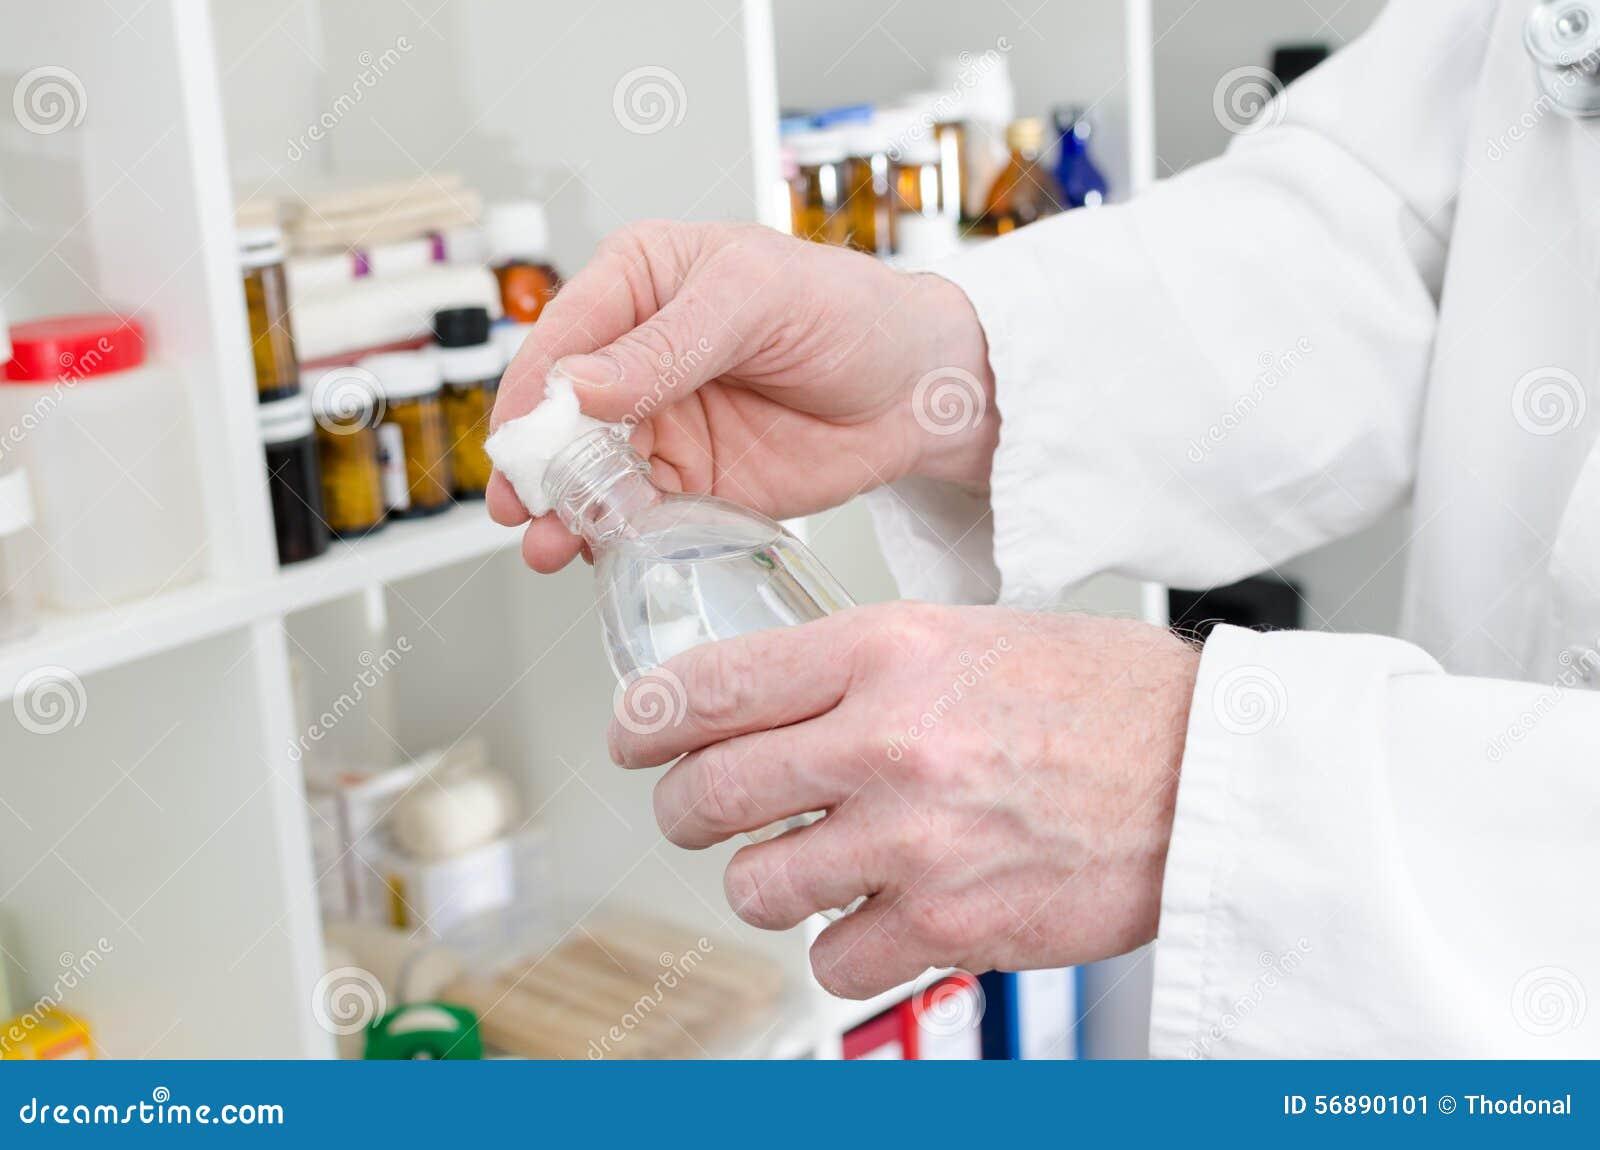 Aggiusti mettere il disinfettante su un pezzo di cotone